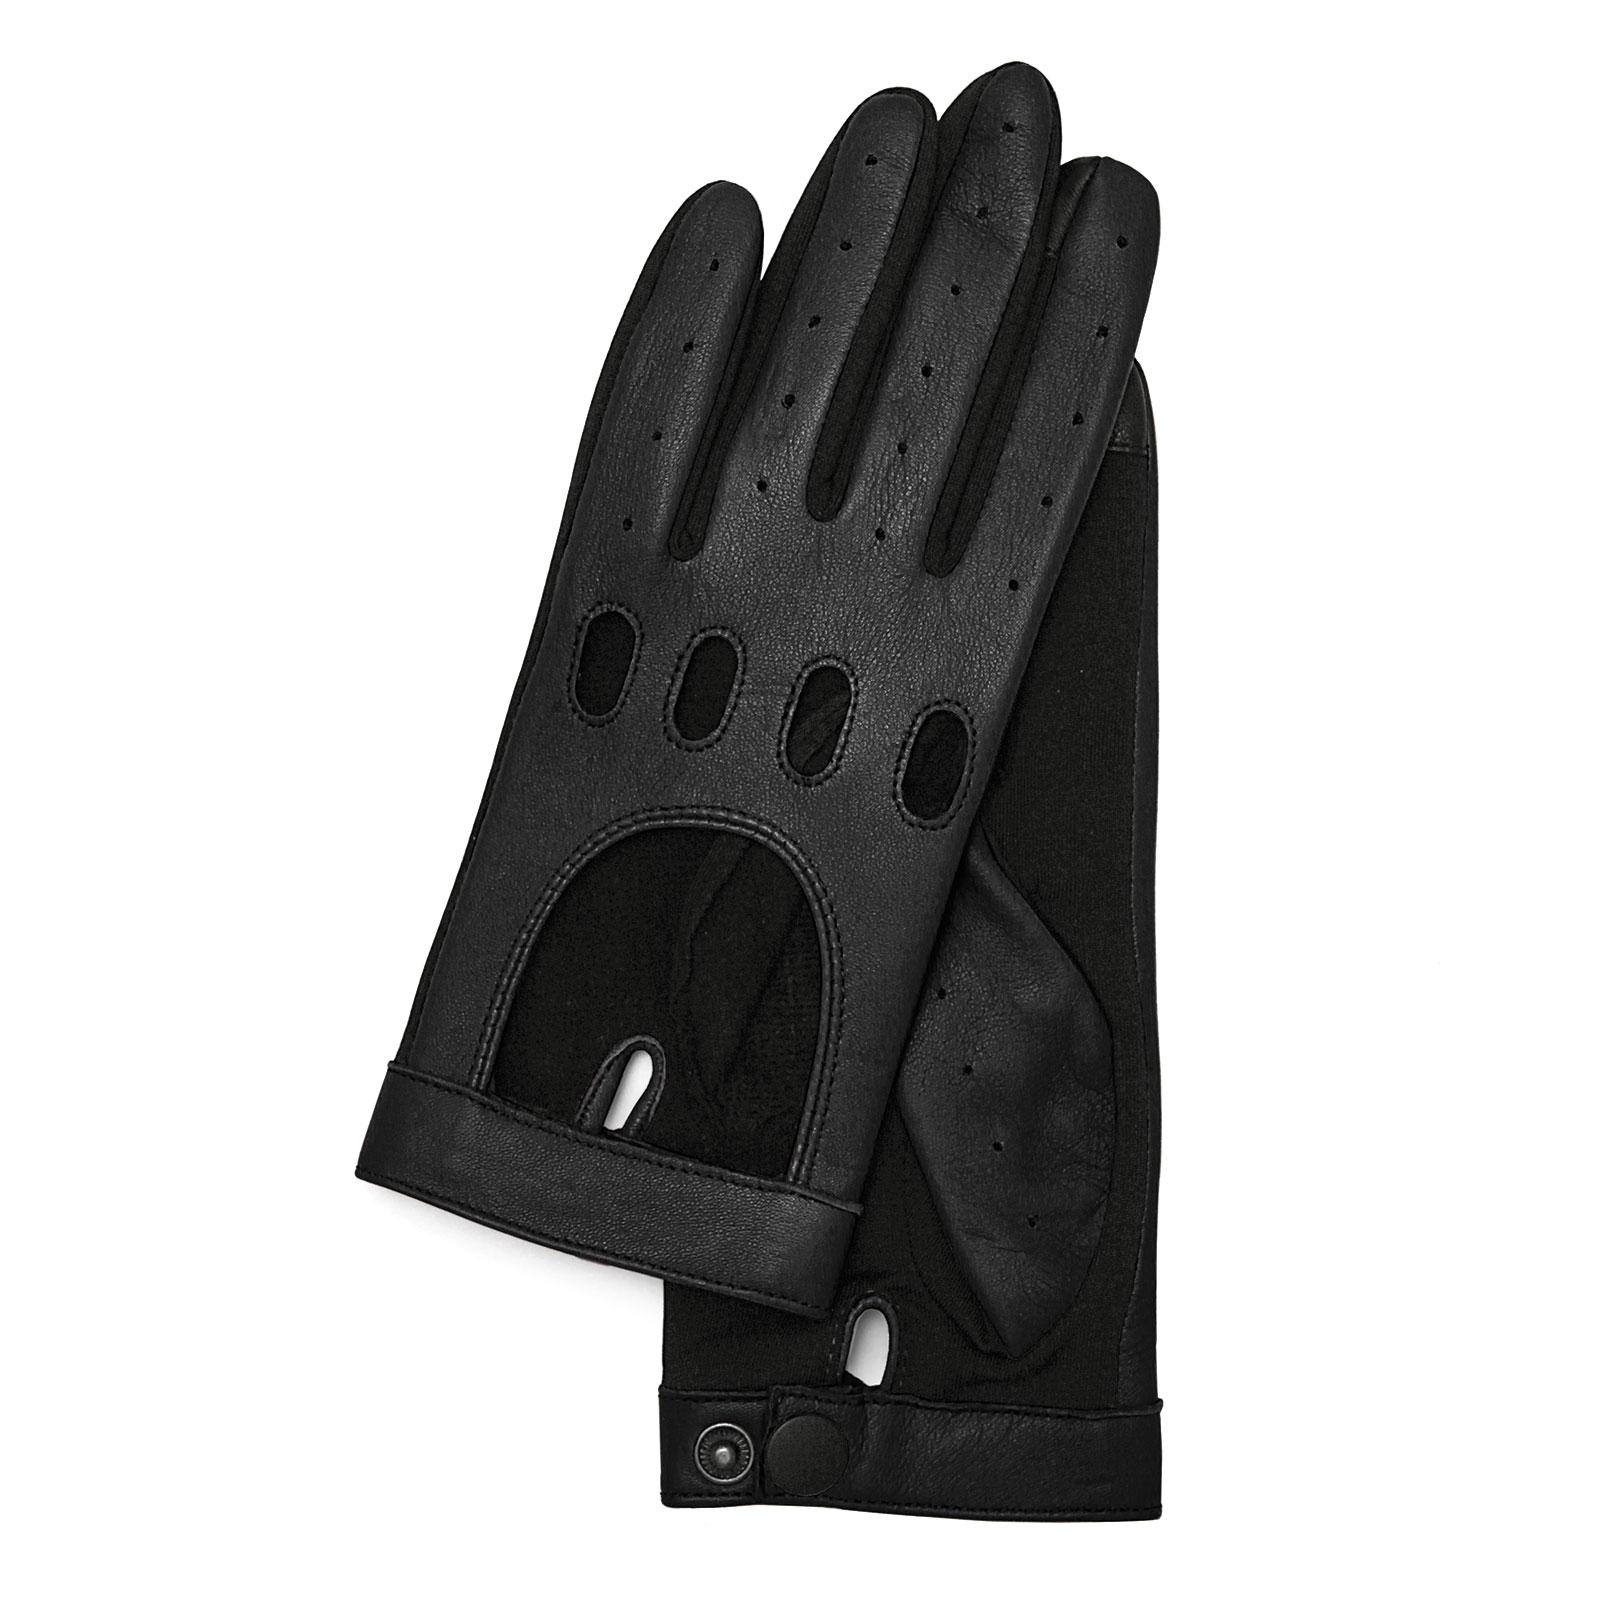 Mia Driver's Glove black 001